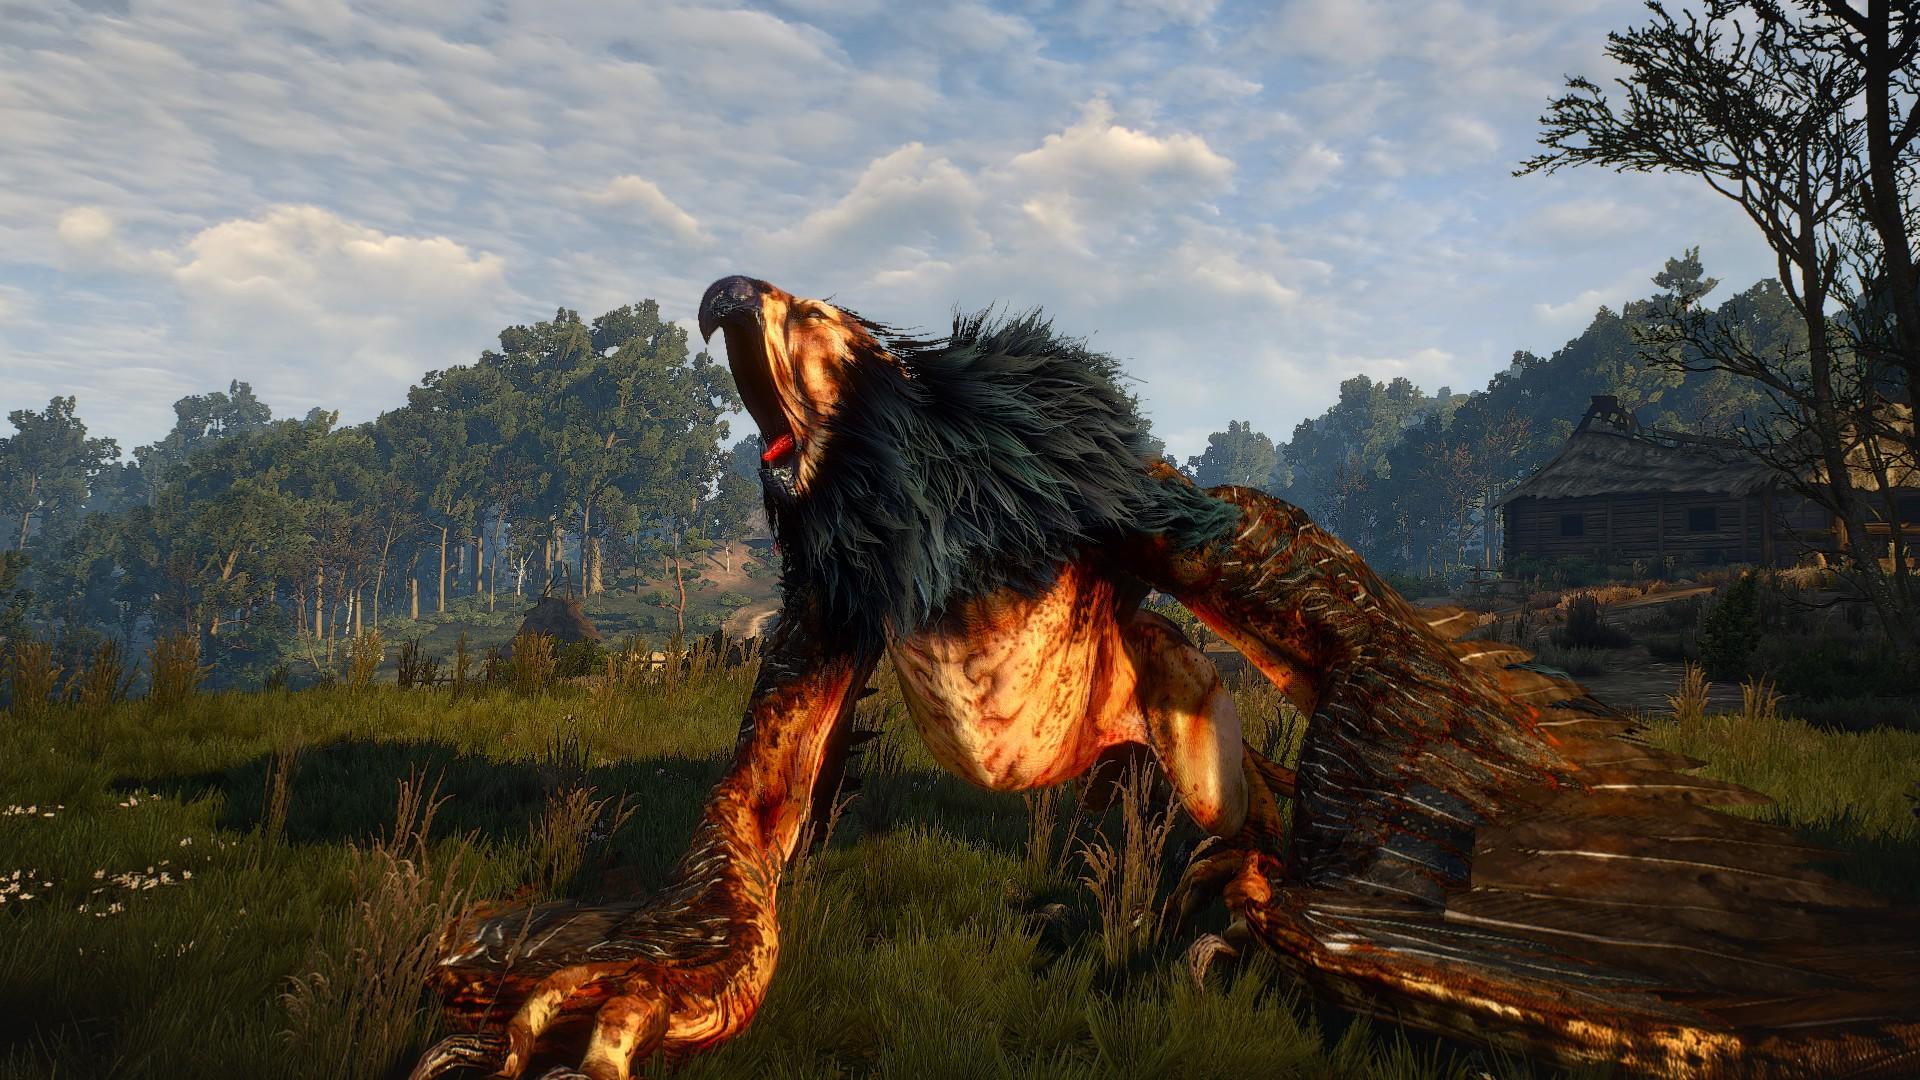 20180826183159_1.jpg - Witcher 3: Wild Hunt, the